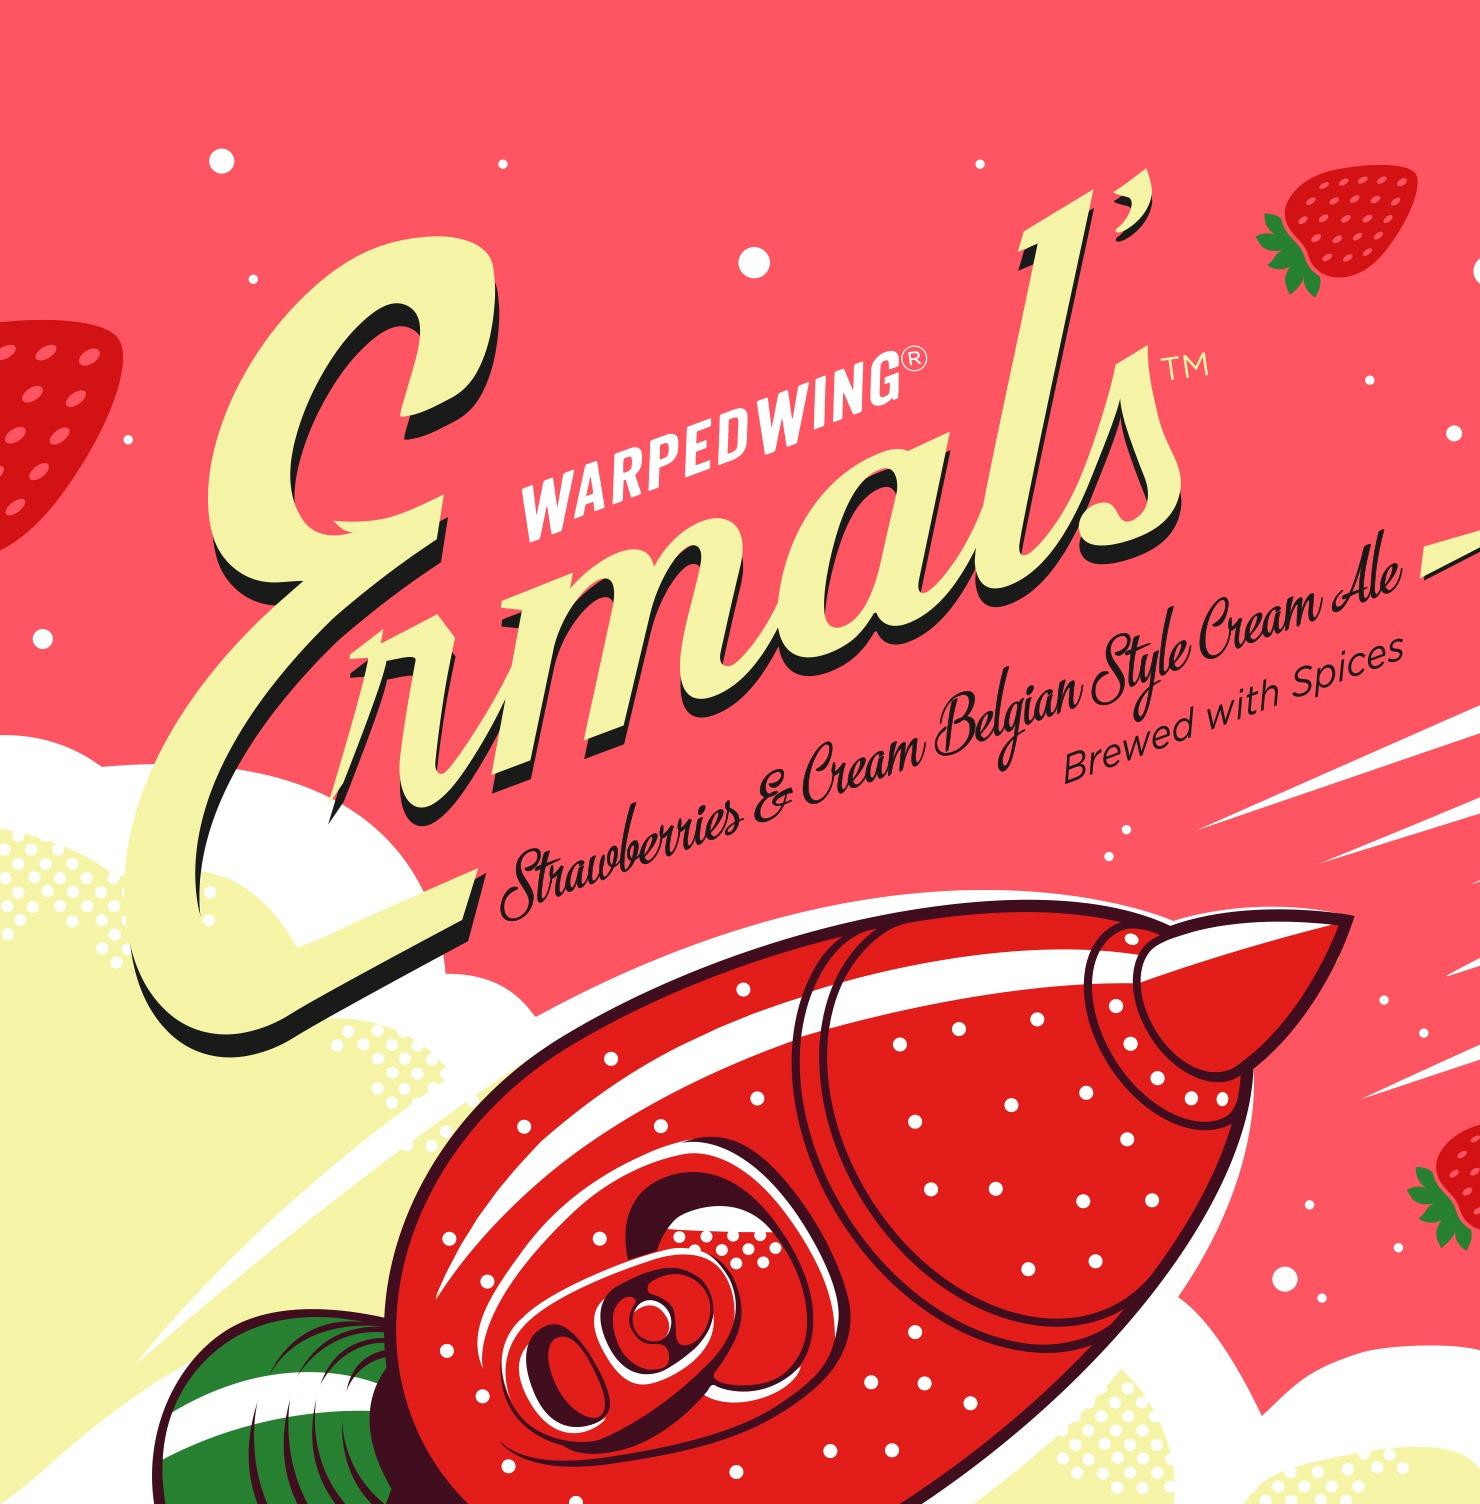 Ermal's Strawberries & Cream